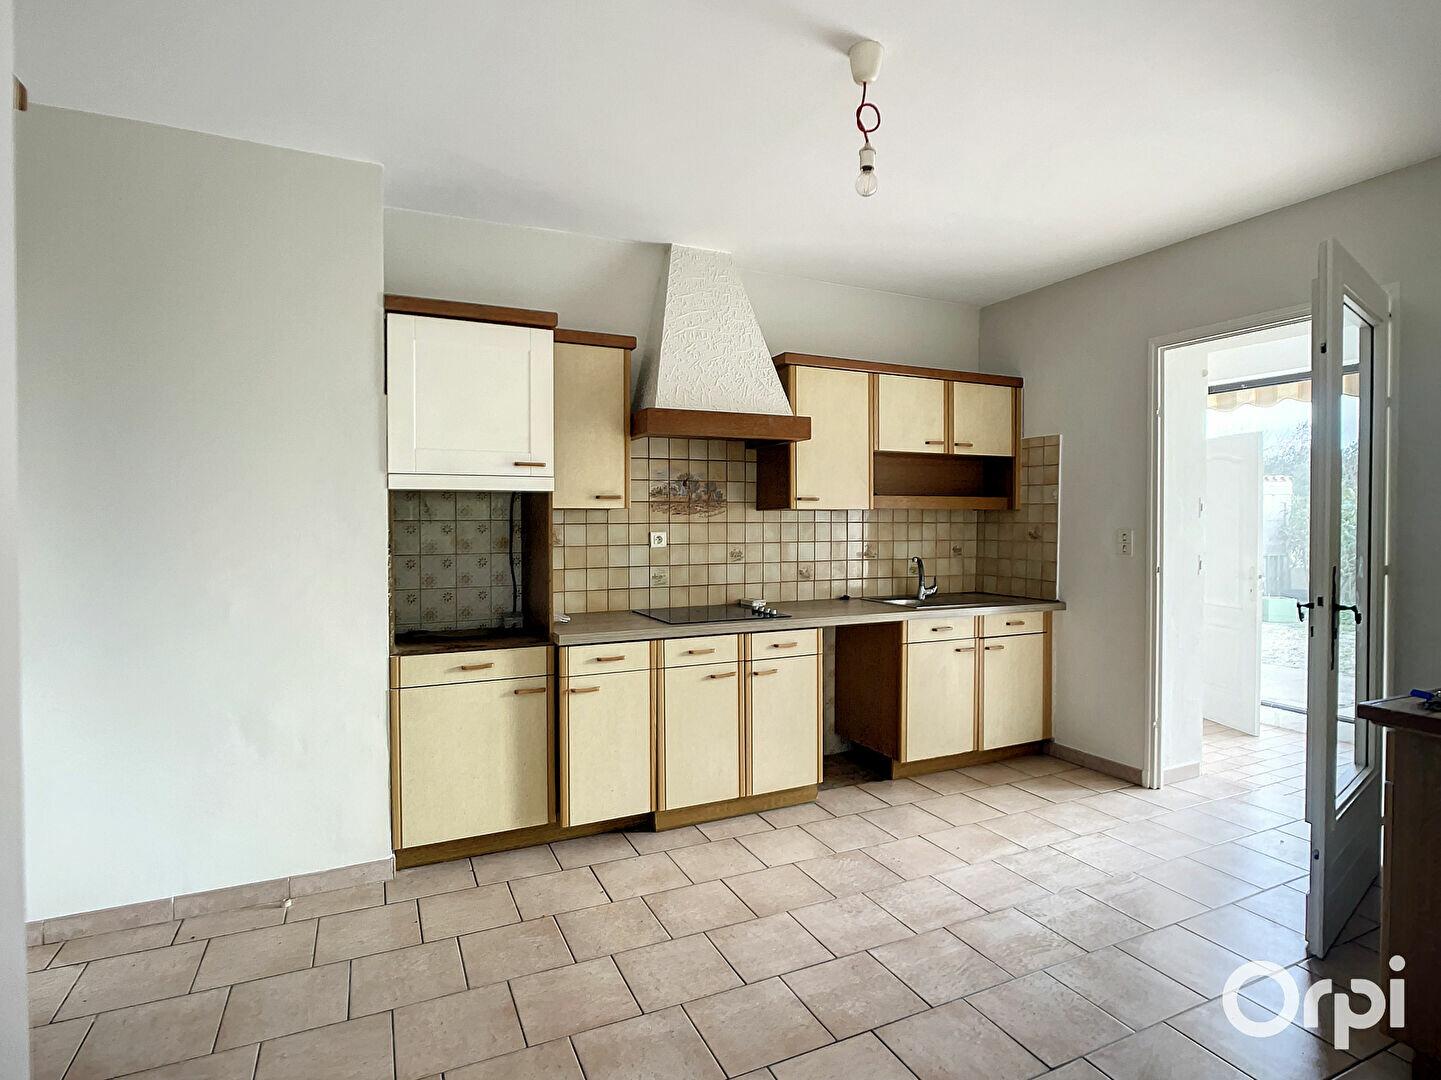 Maison à louer 4 87.3m2 à La Fare-les-Oliviers vignette-9